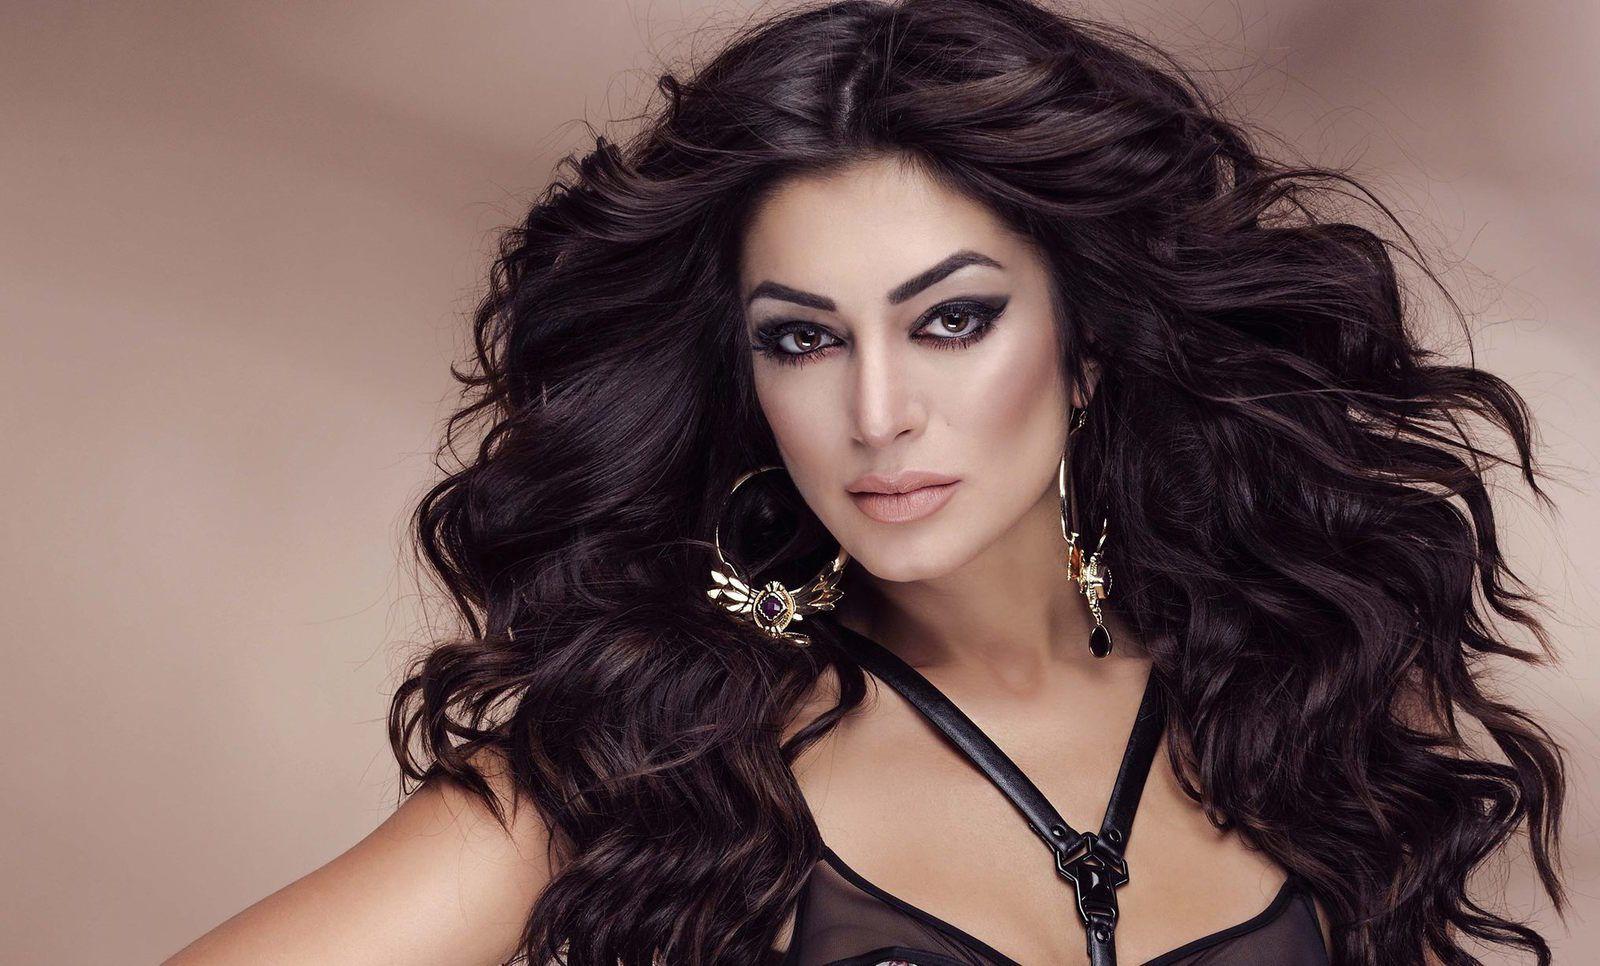 Eurovision 2016 - Arménie - Iveta Mukuchyan - LoveWave